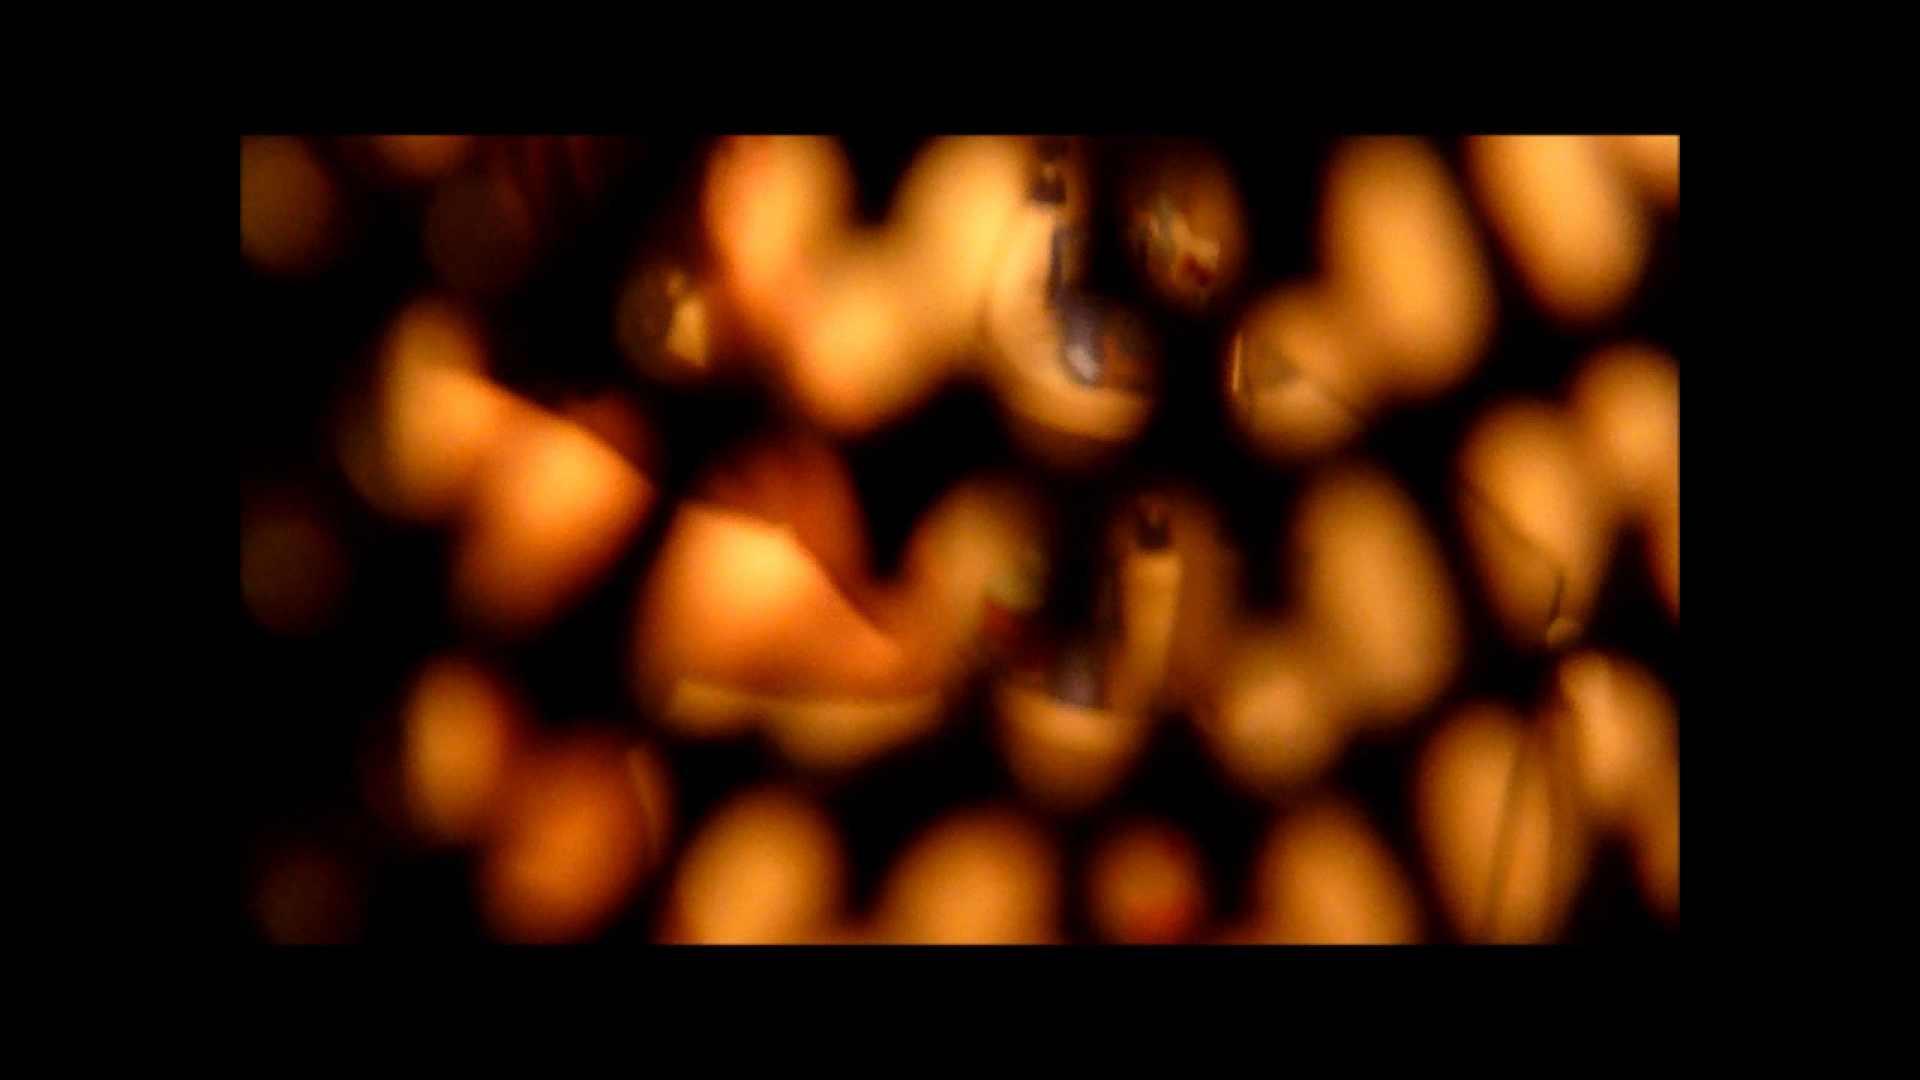 【02】ベランダに侵入して張り込みを始めて・・・やっと結果が出ました。 モロだしオマンコ  79pic 20